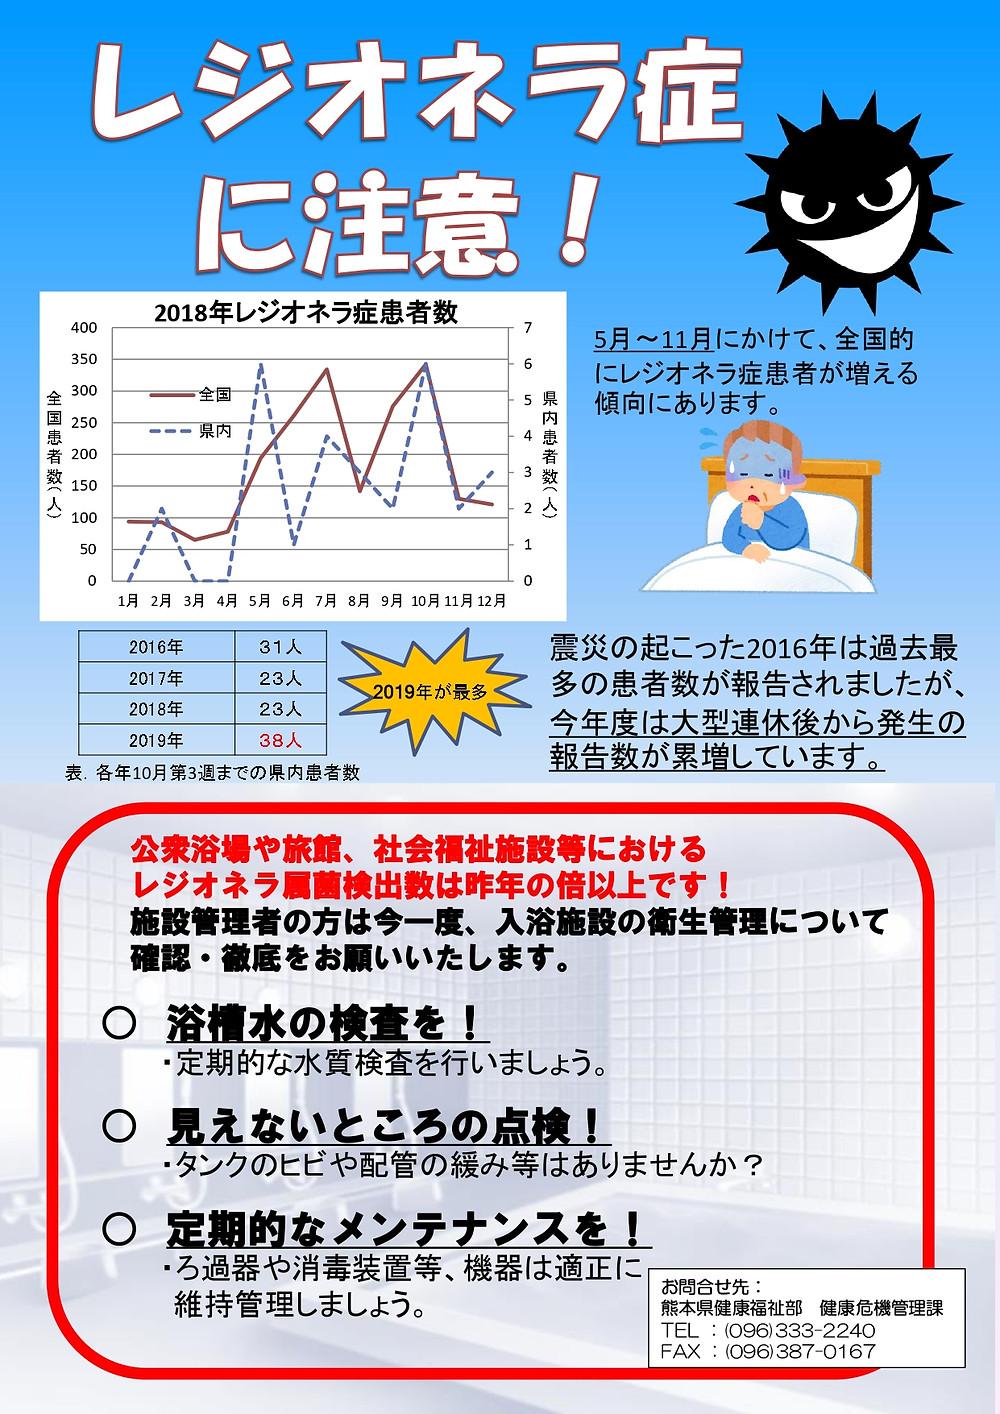 2019年の熊本県健康危機管理課資料です。